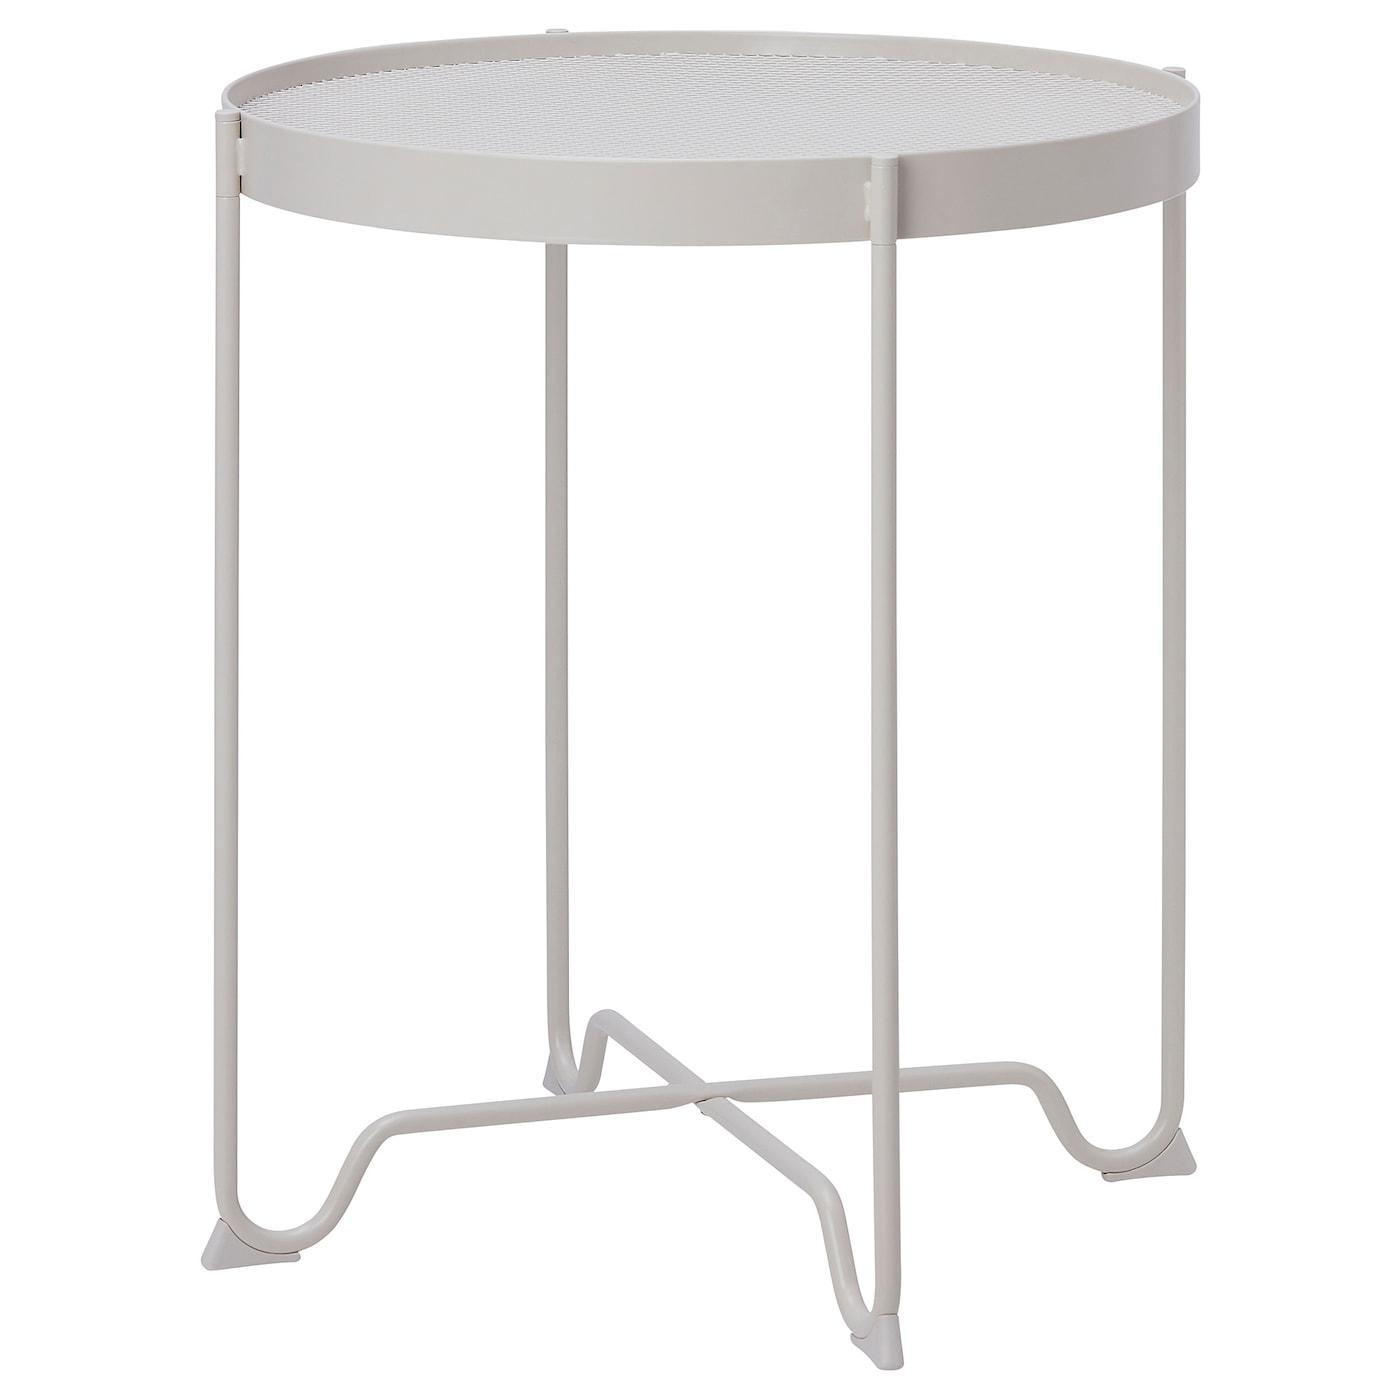 KROKHOLMEN Side table, outdoor - beige 5 cm